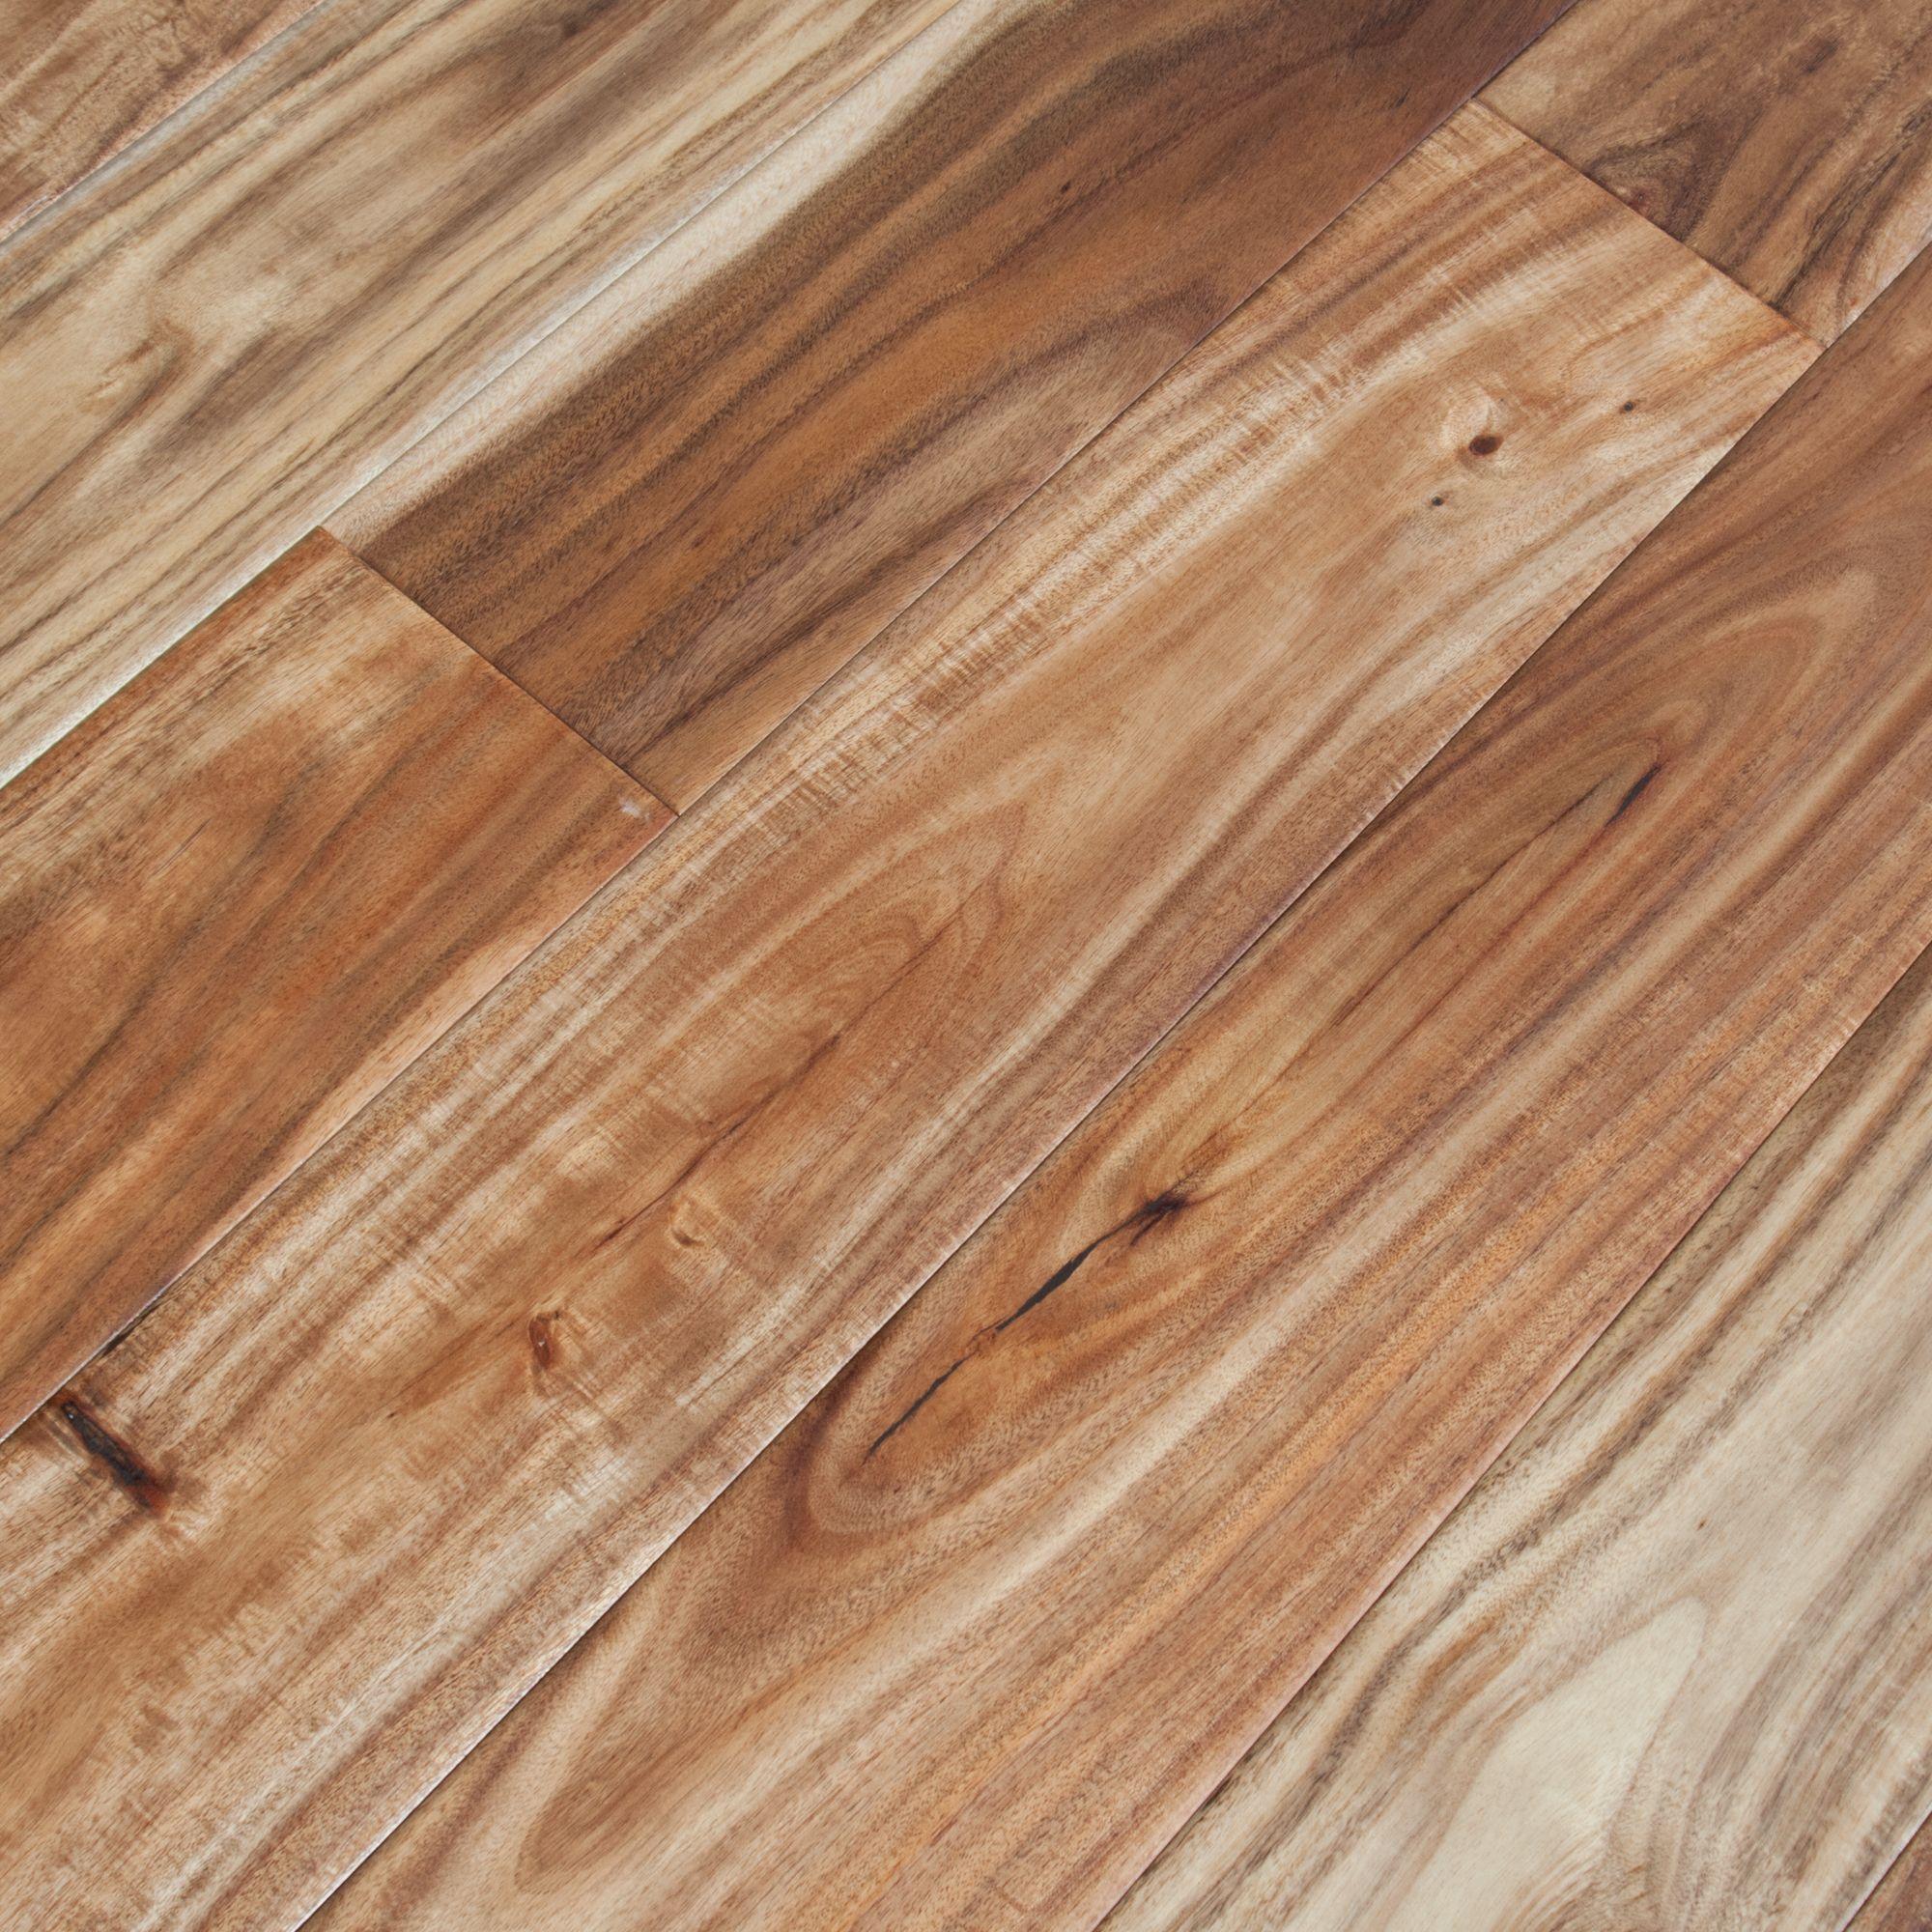 9 Mile Creek Acacia Natural Acacia Wood Flooring Engineered